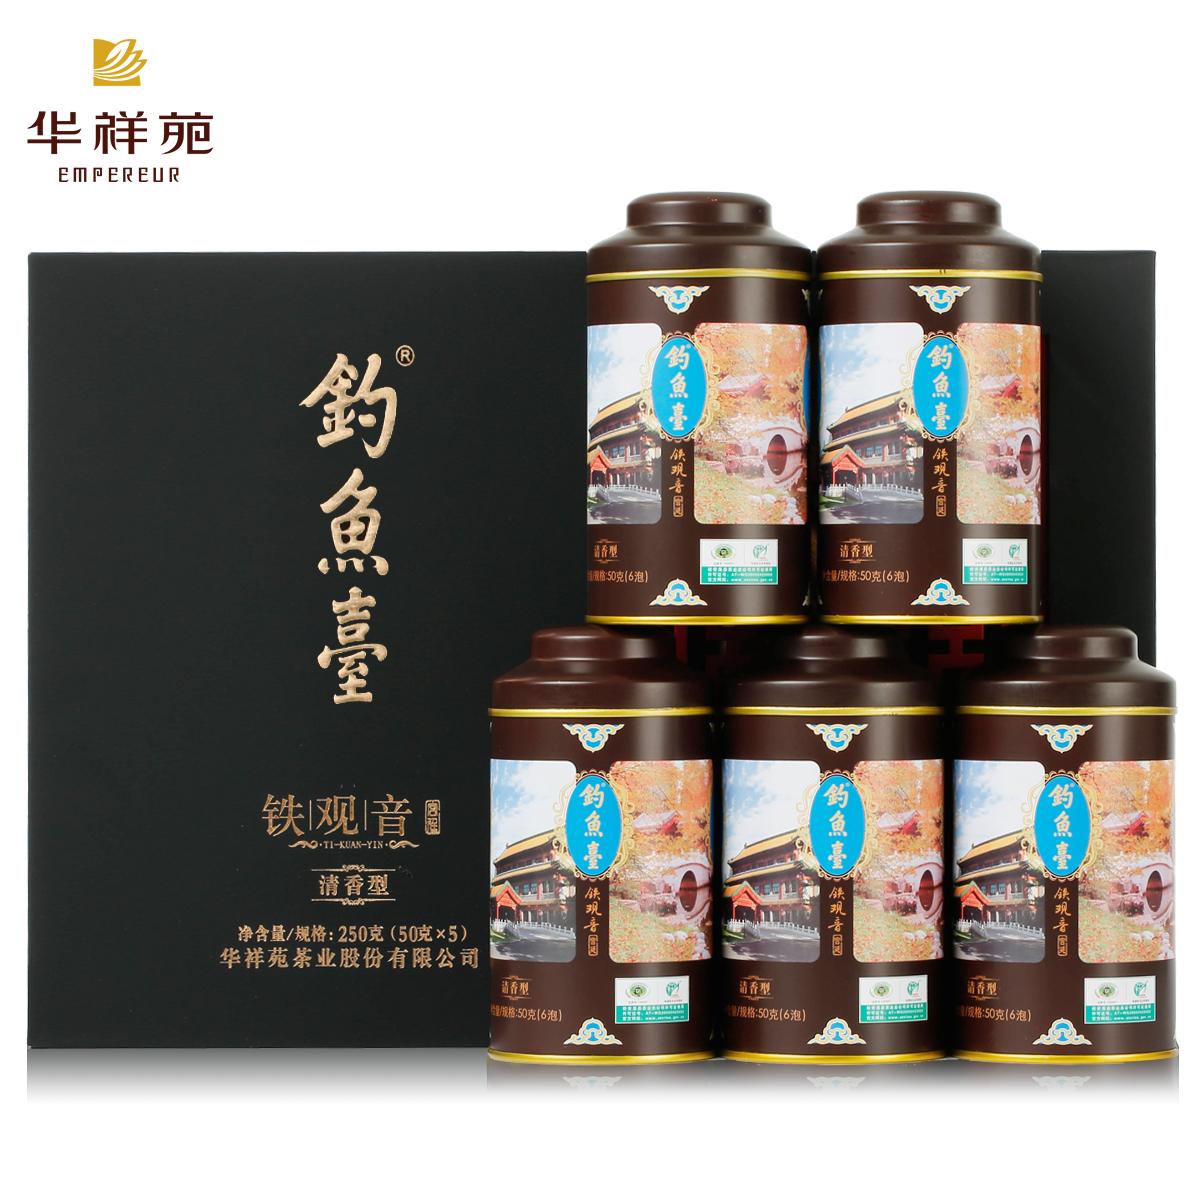 华祥苑茶叶 特级钓鱼台宫廷铁观音清香型高档茶叶礼盒装2018新茶